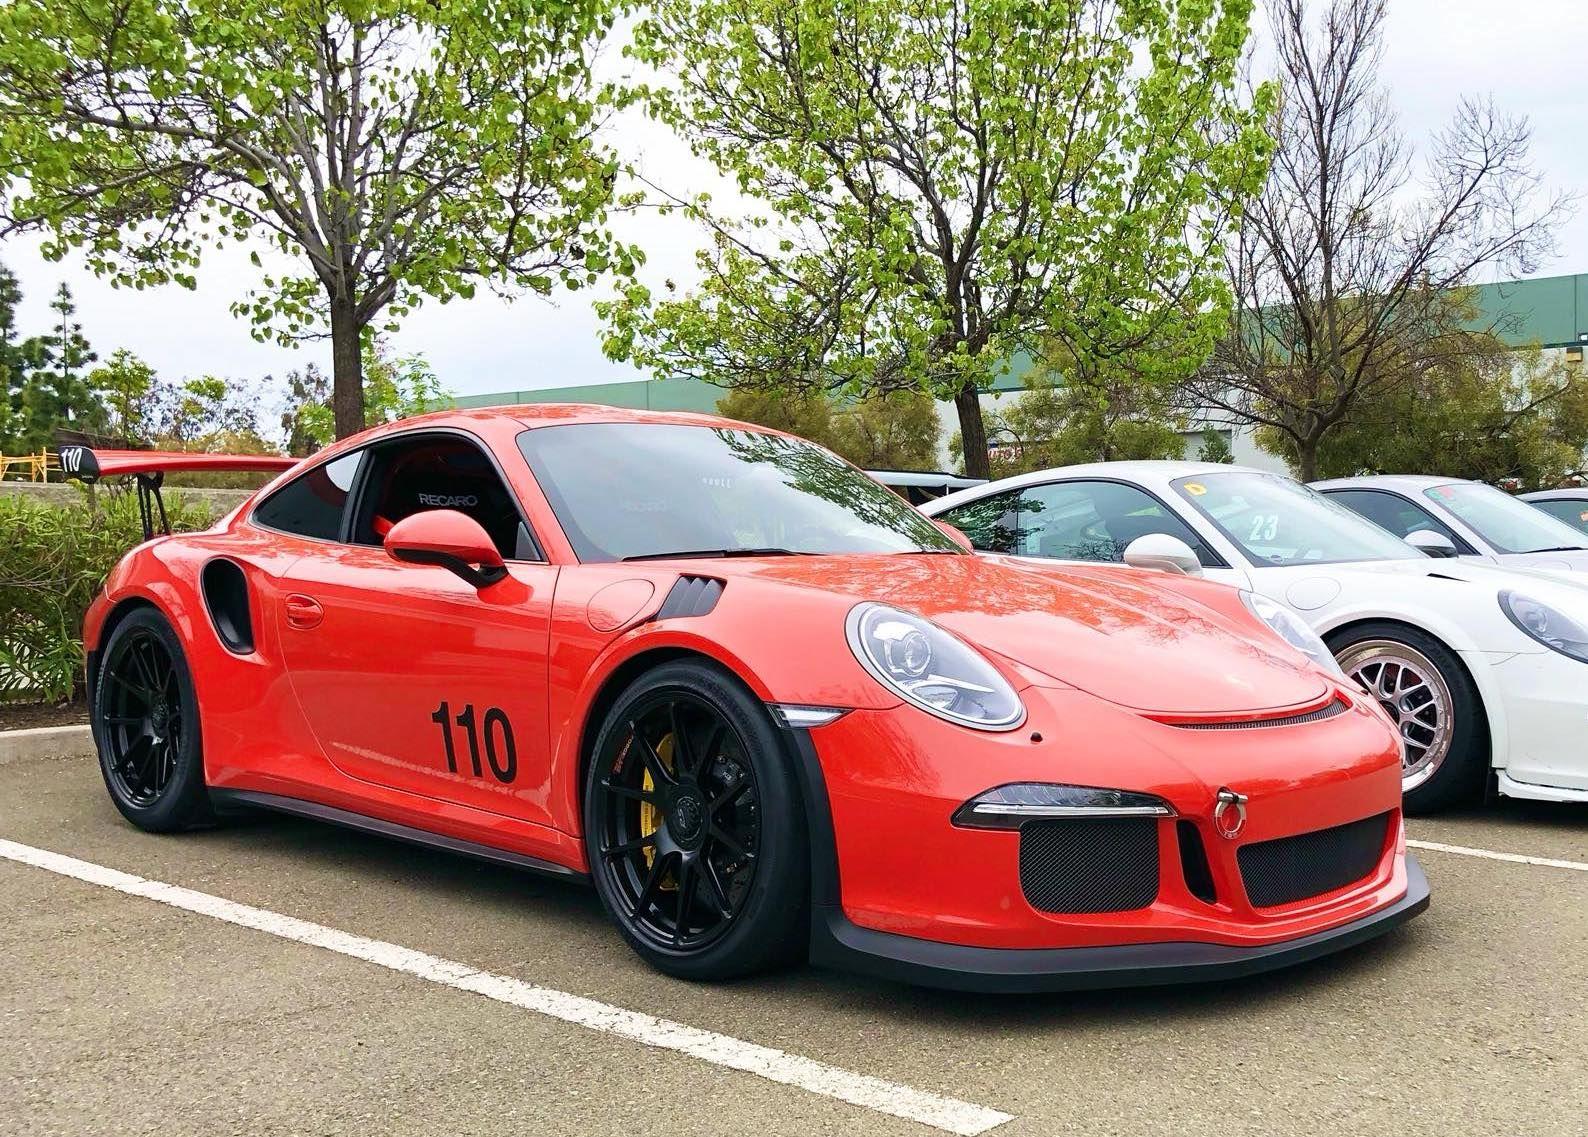 2016 Porsche 911 | Alekshop-Prepped Porsche GT3RS on Forgeline One Piece Forged Monoblock GA1R Wheels